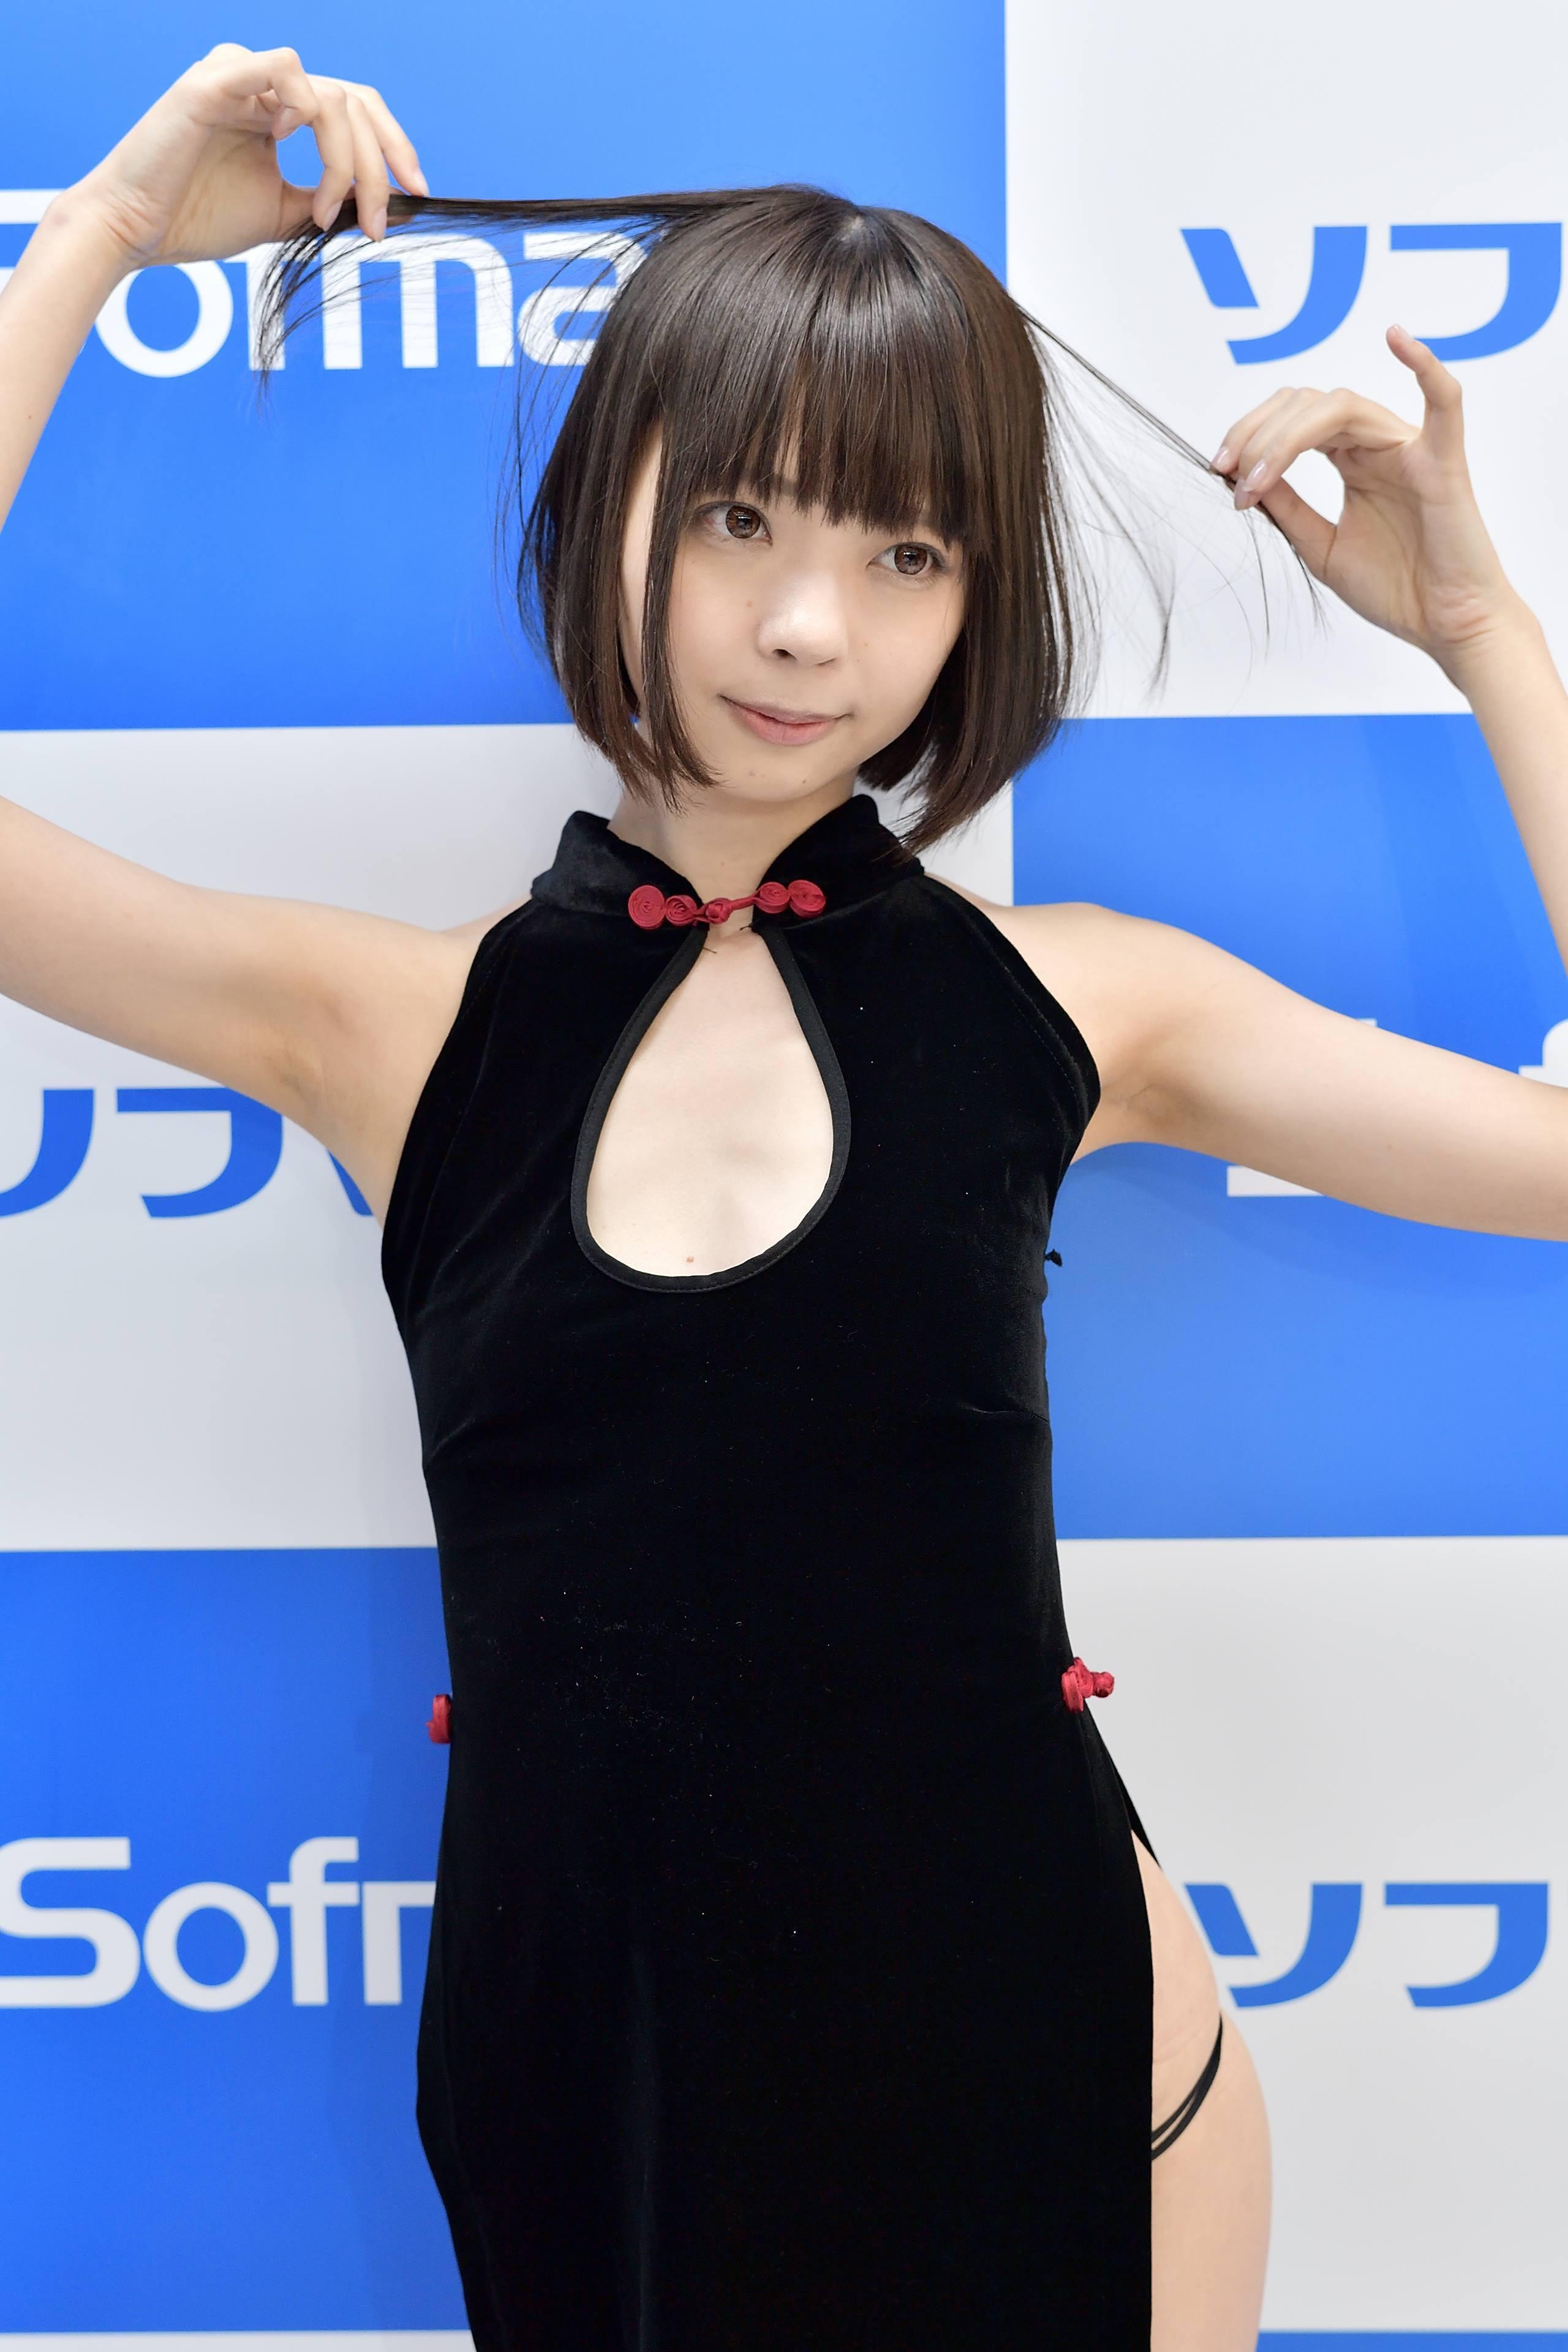 2019年06月14日ソフマップ4号館8階撮影会報告_e0194893_20322473.jpg